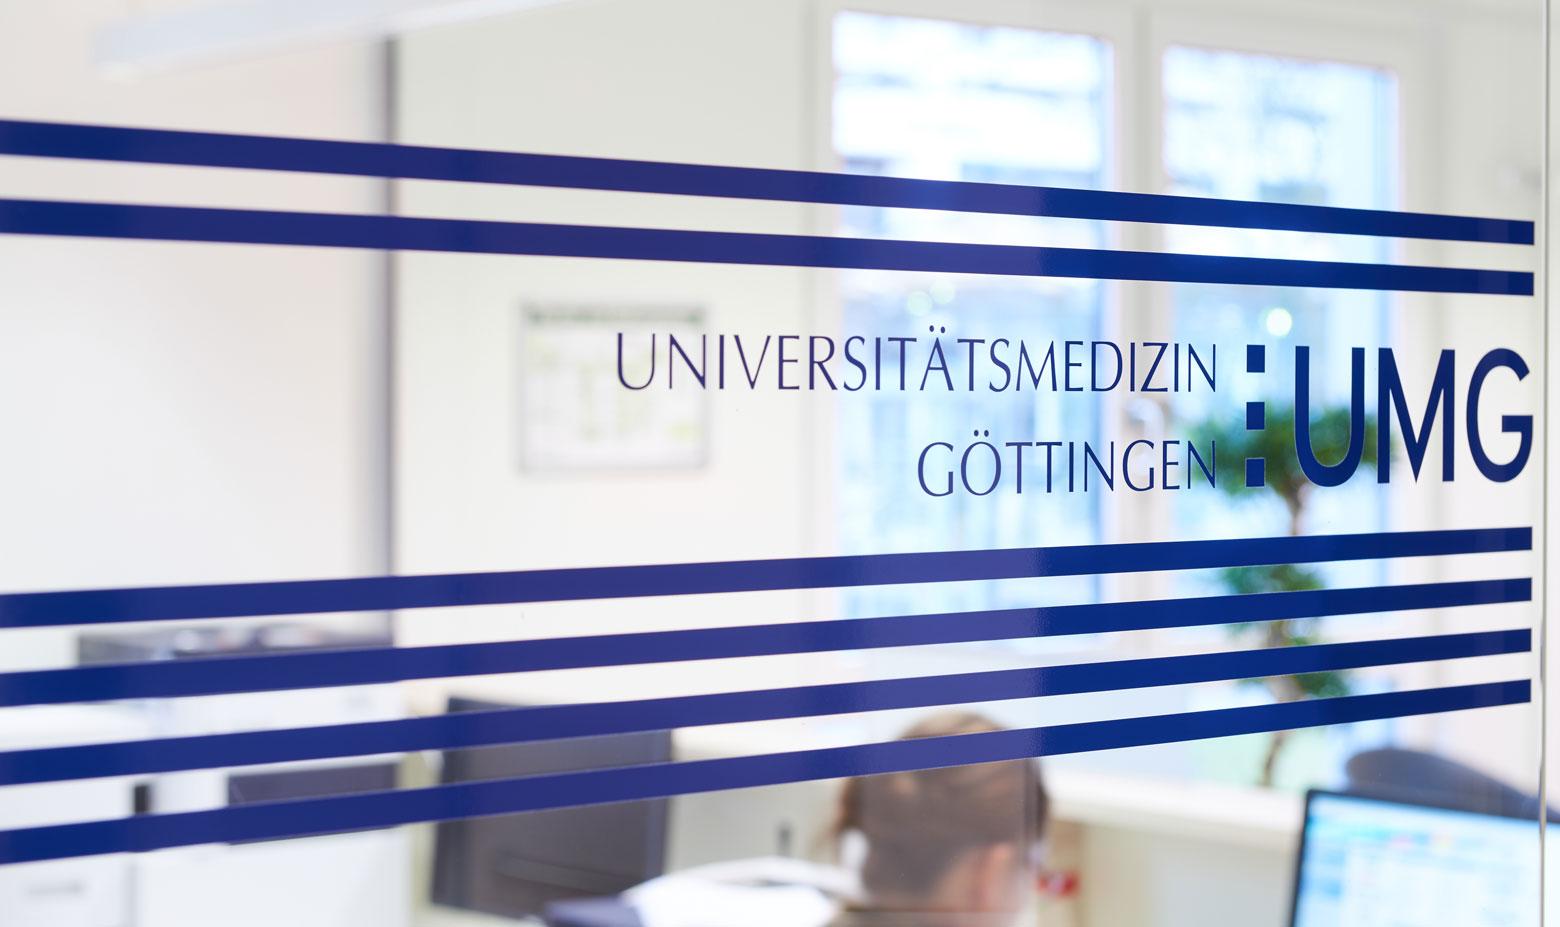 PhD student position (f/m/d) - Universitätsmedizin Göttingen - Logo